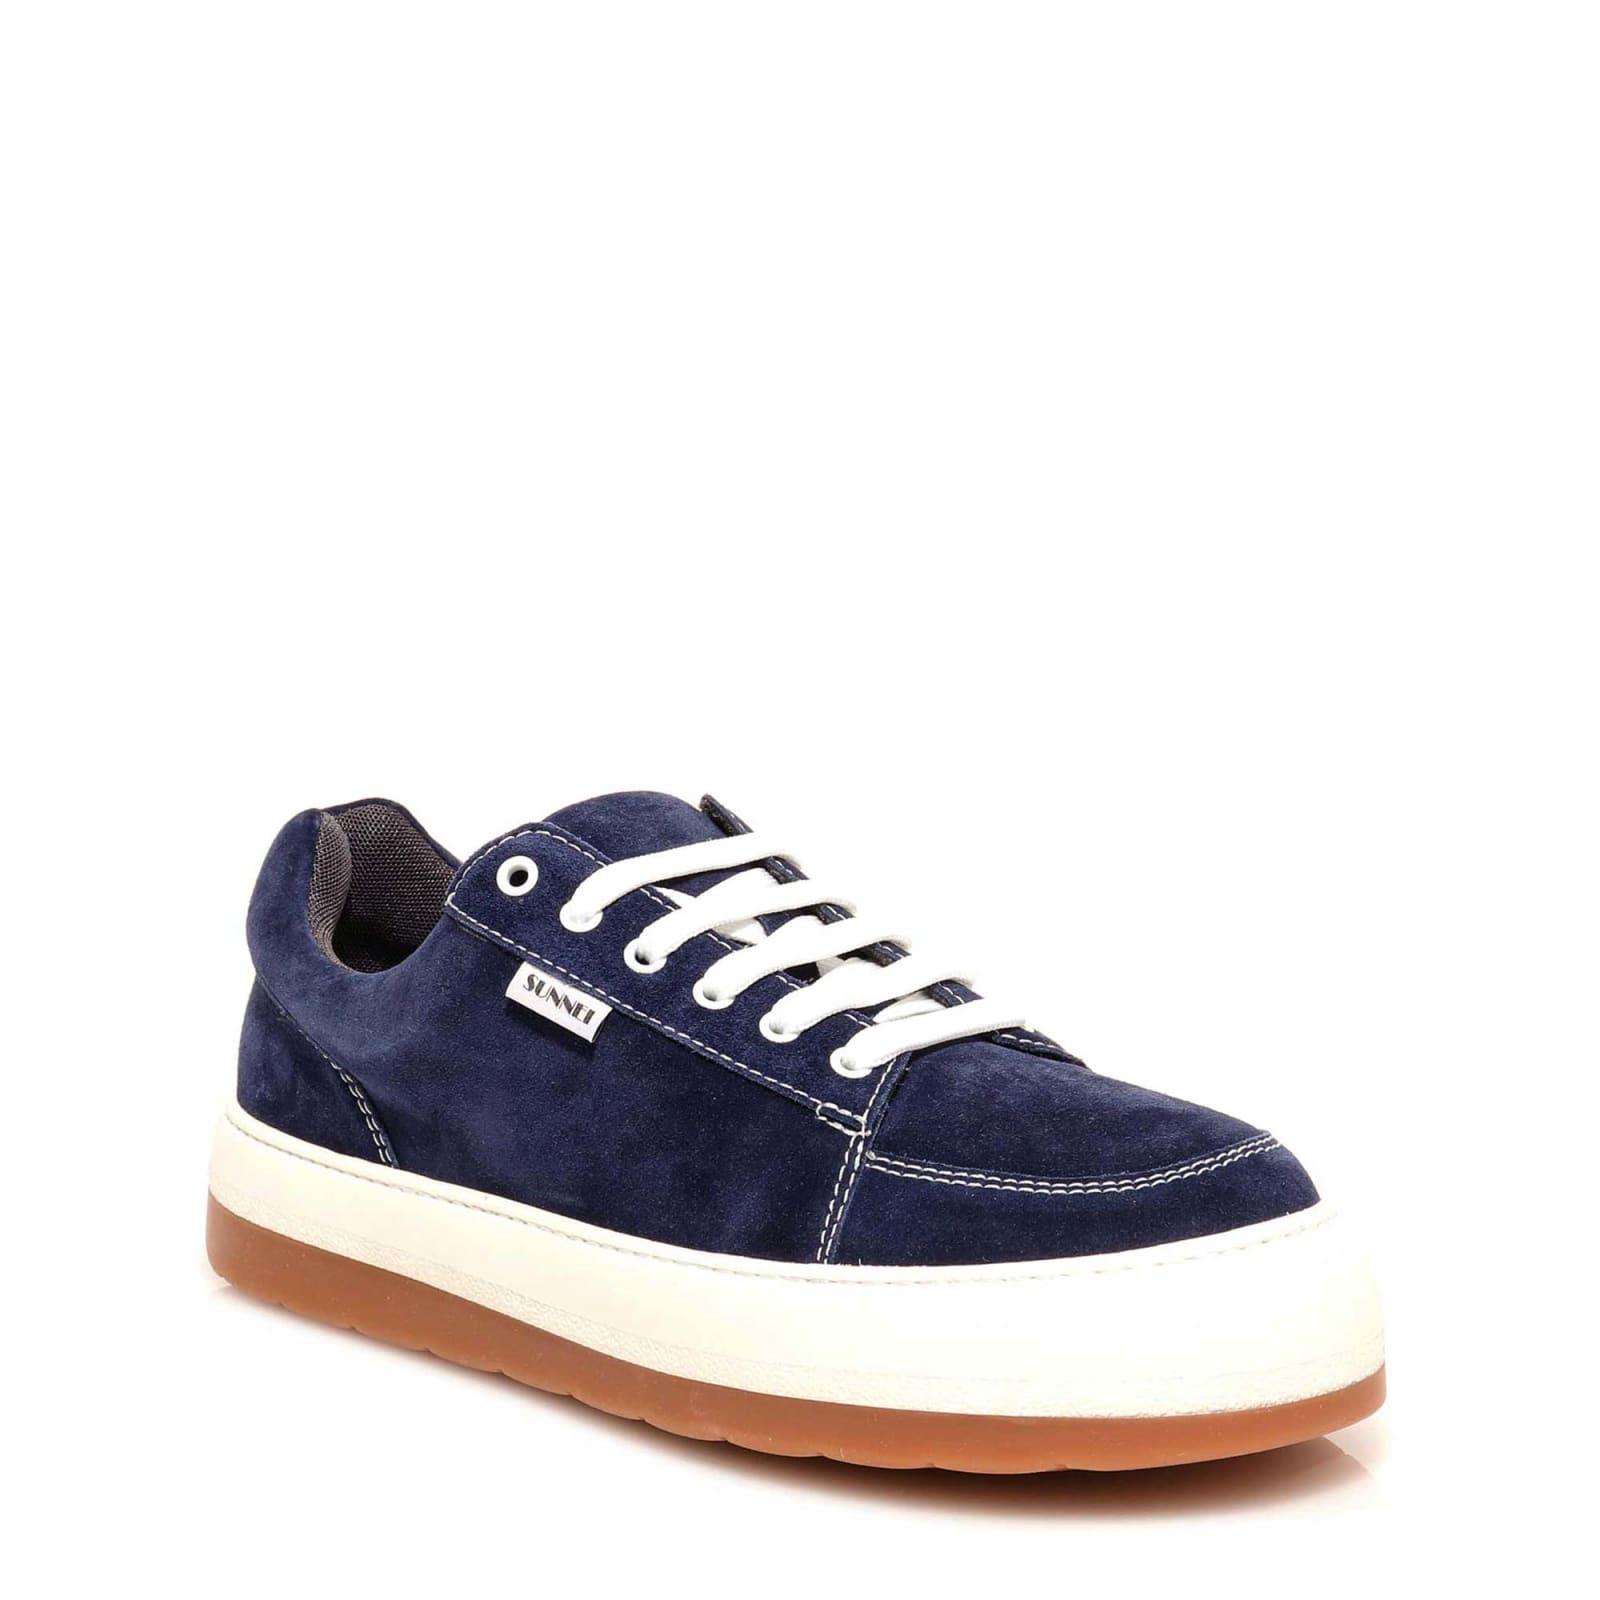 Sunnei Sneakers | italist, ALWAYS LIKE